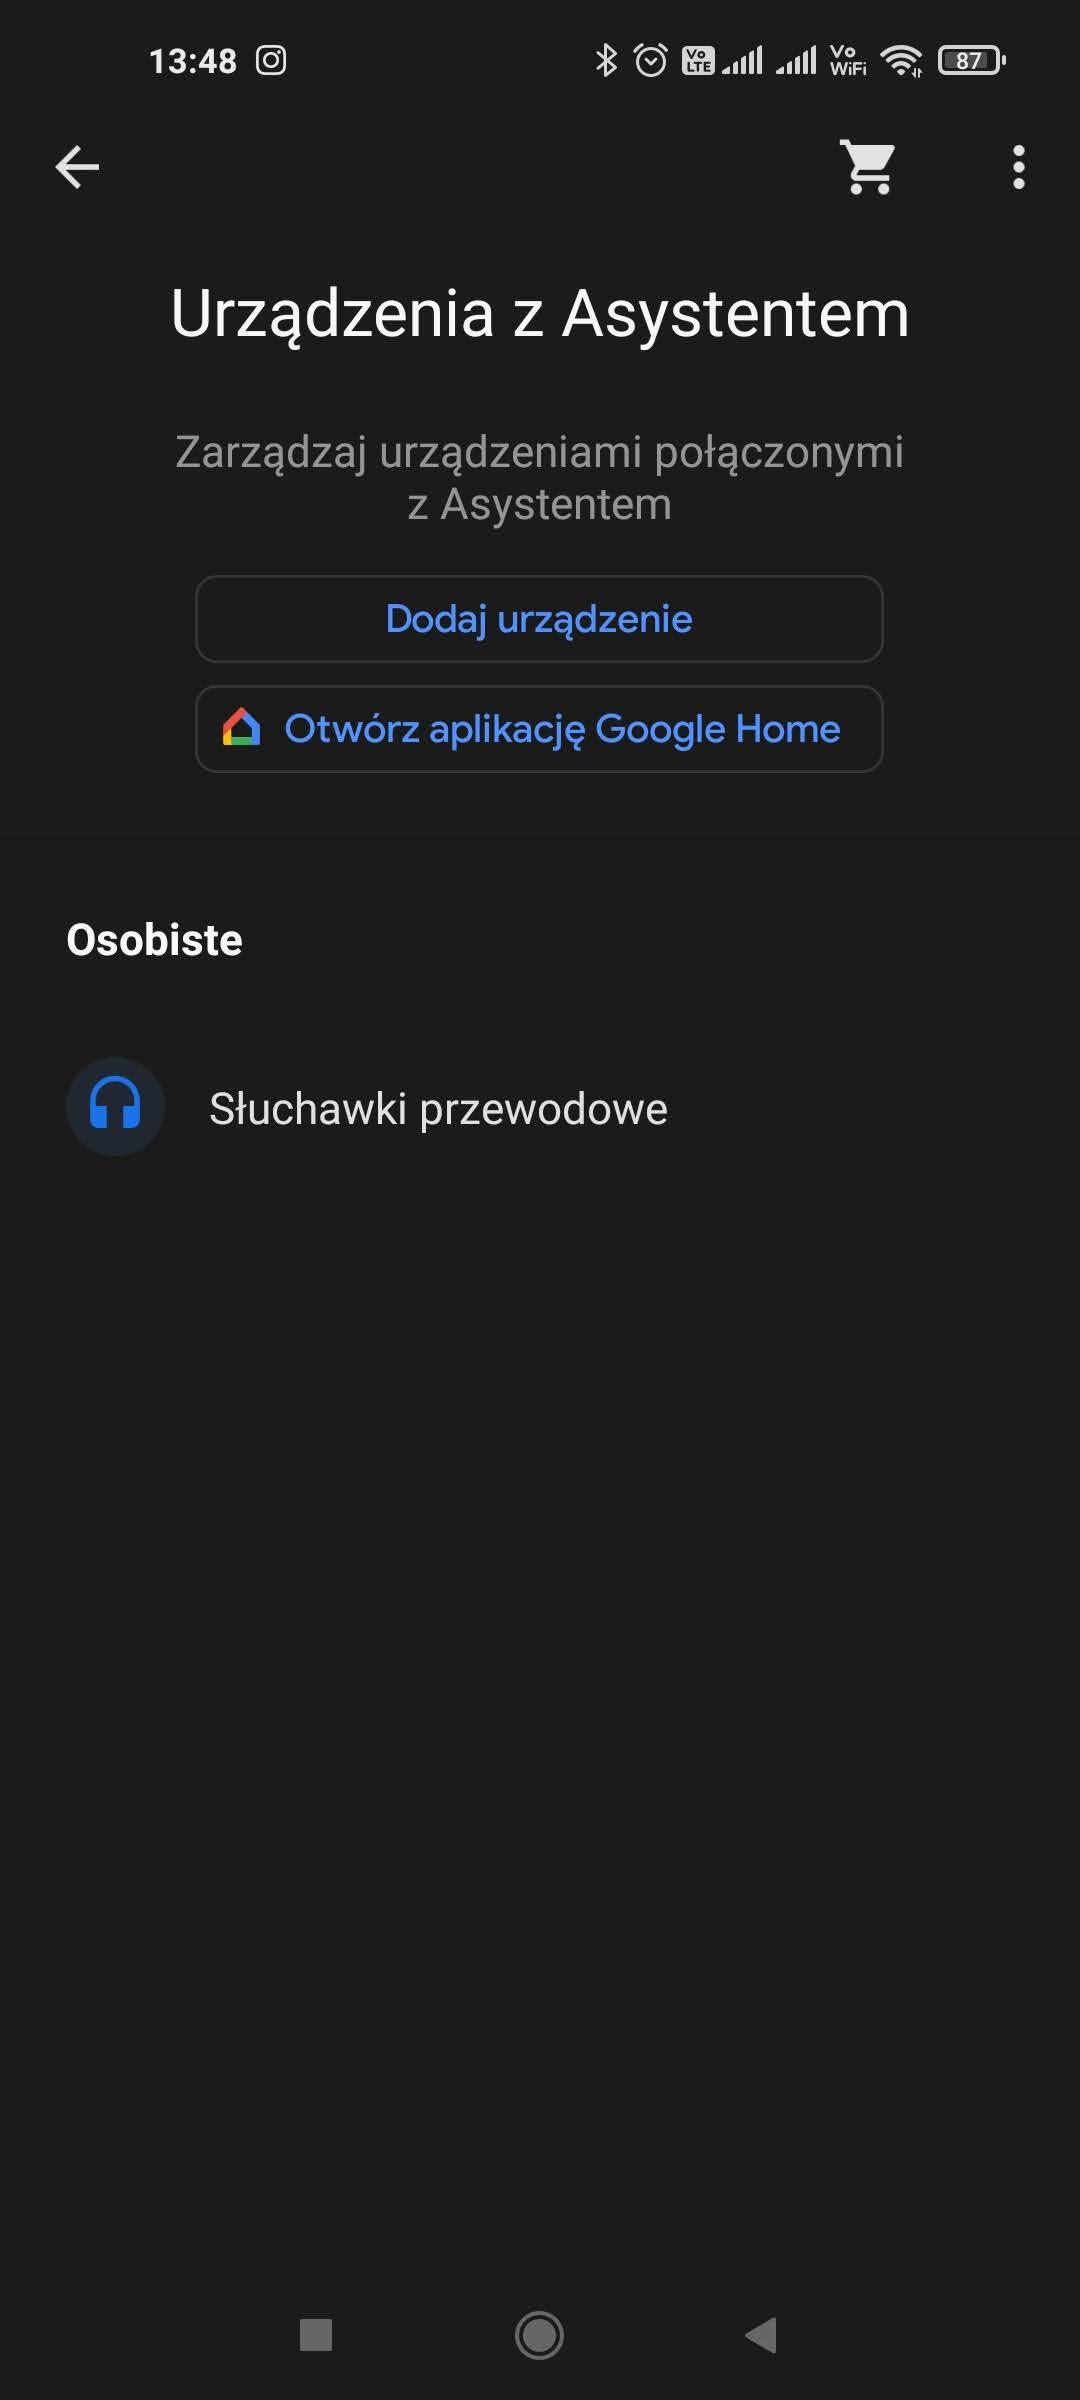 urzadzenia asystent google